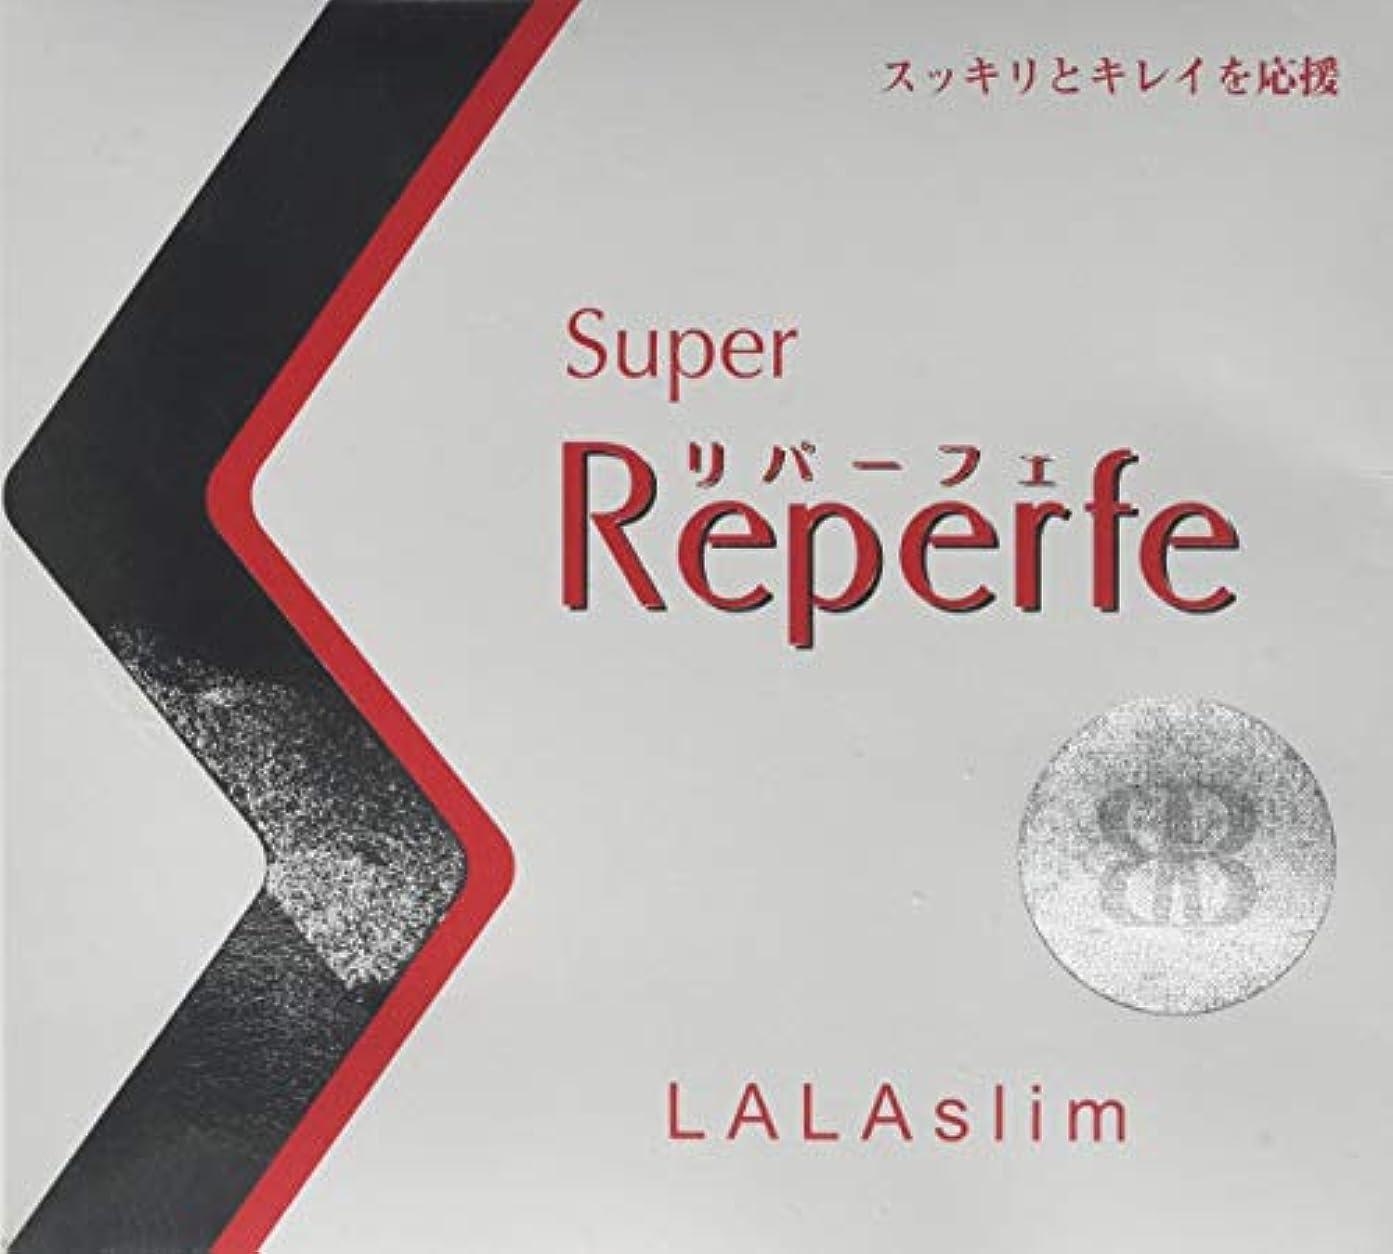 急勾配のタイヤ占めるスーパーリパーフェ ララスリム 錠剤タイプ×5箱